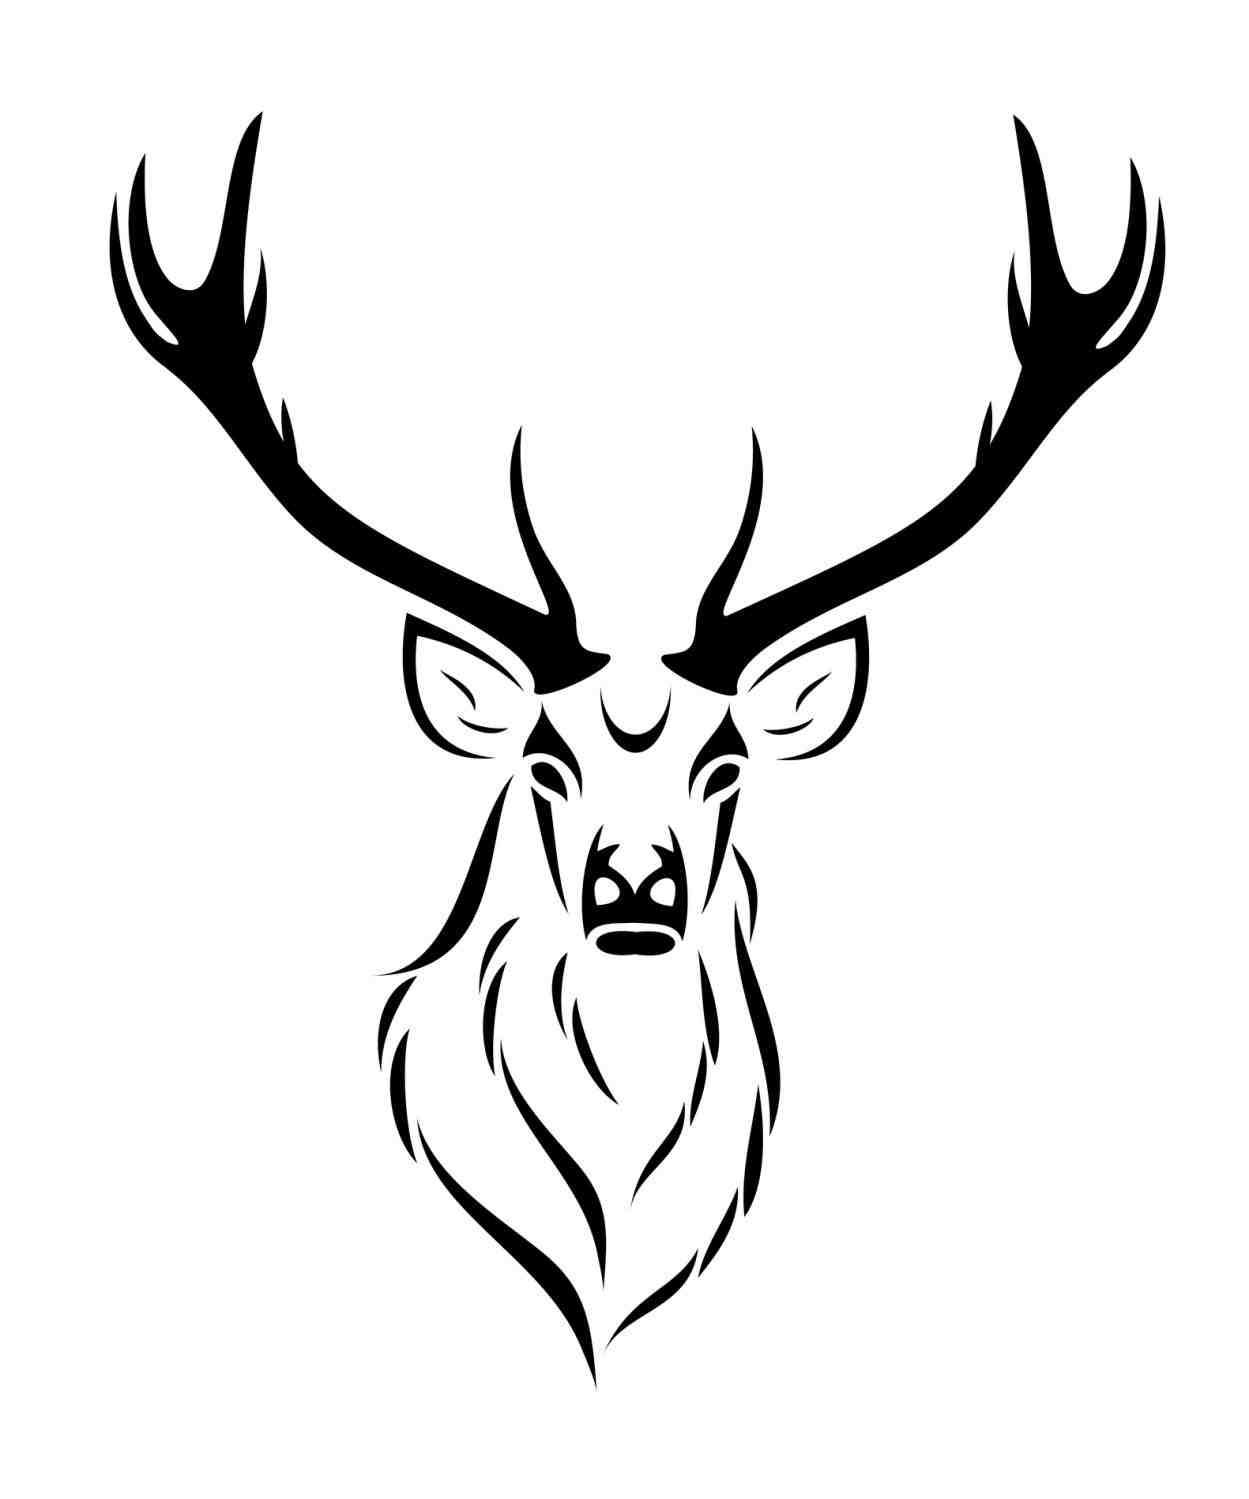 1249x1499 Easy Deer Buck Drawings